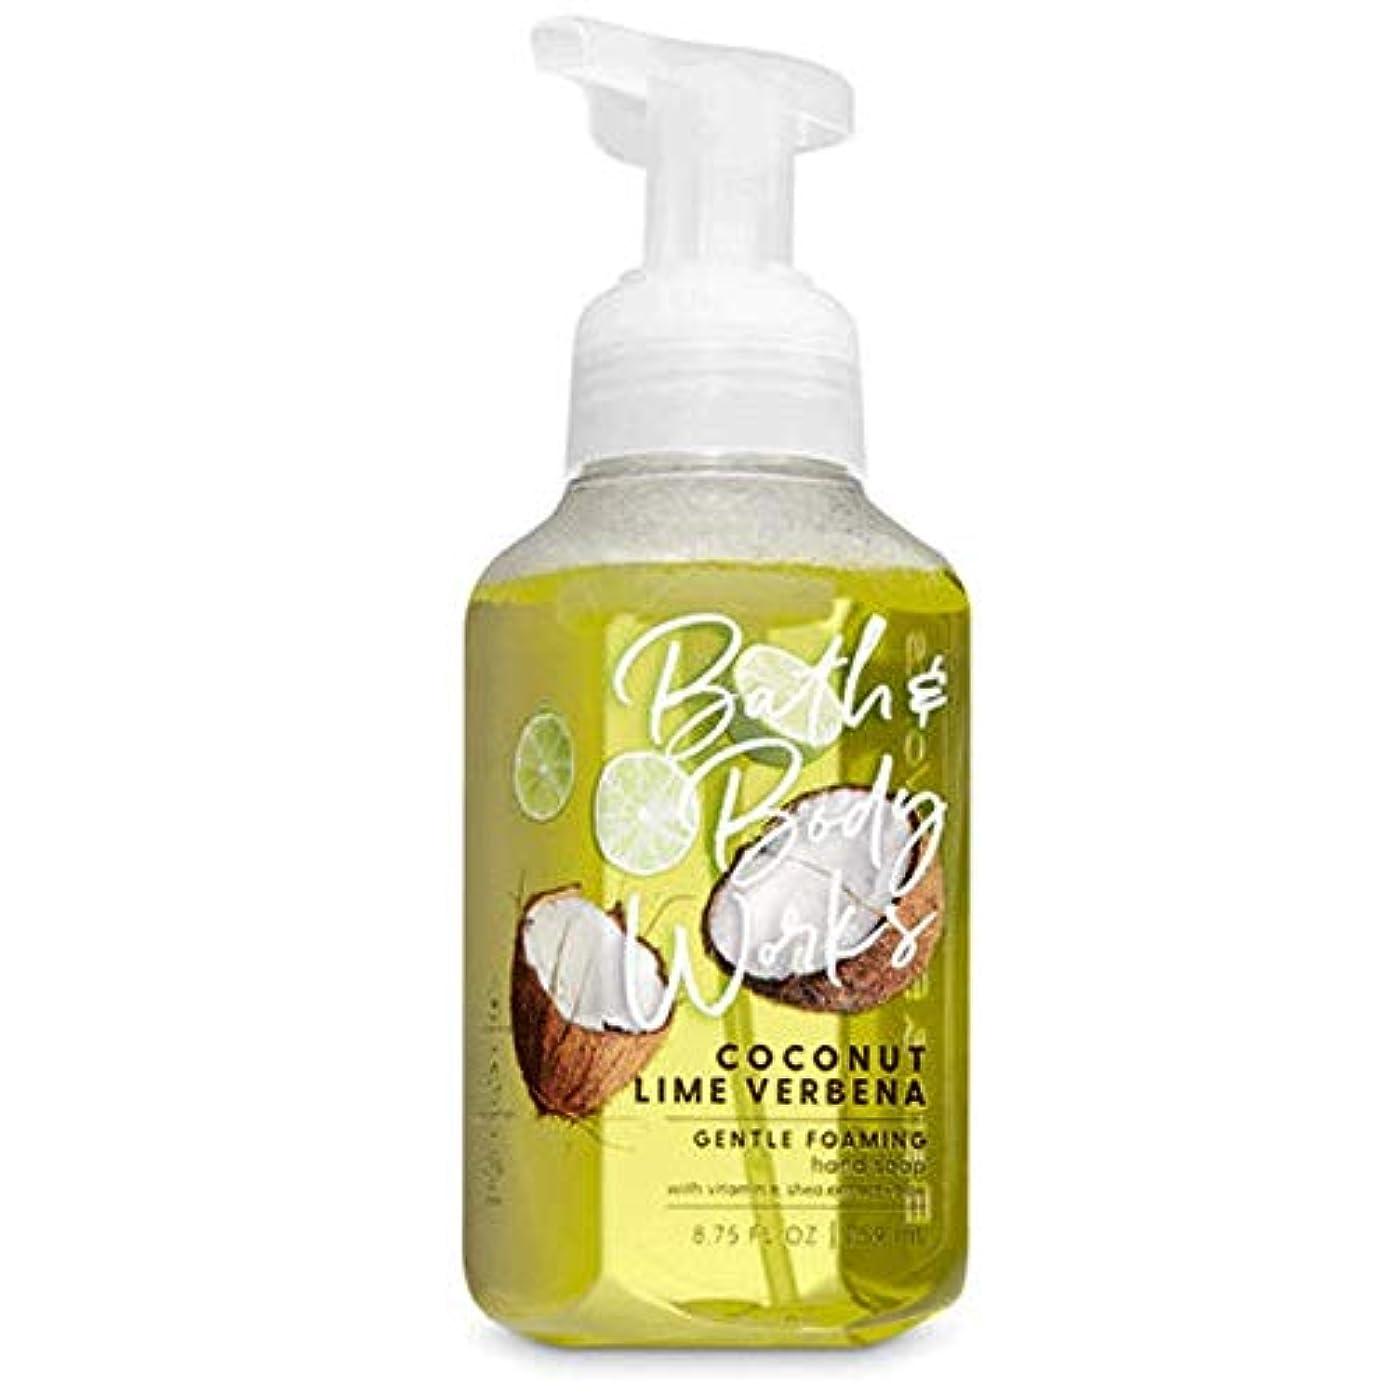 地上で花束ナースバス&ボディワークス ココナッツライムバーベナ ジェントル フォーミング ハンドソープ Coconut Lime Verbena Gentle Foaming Hand Soap